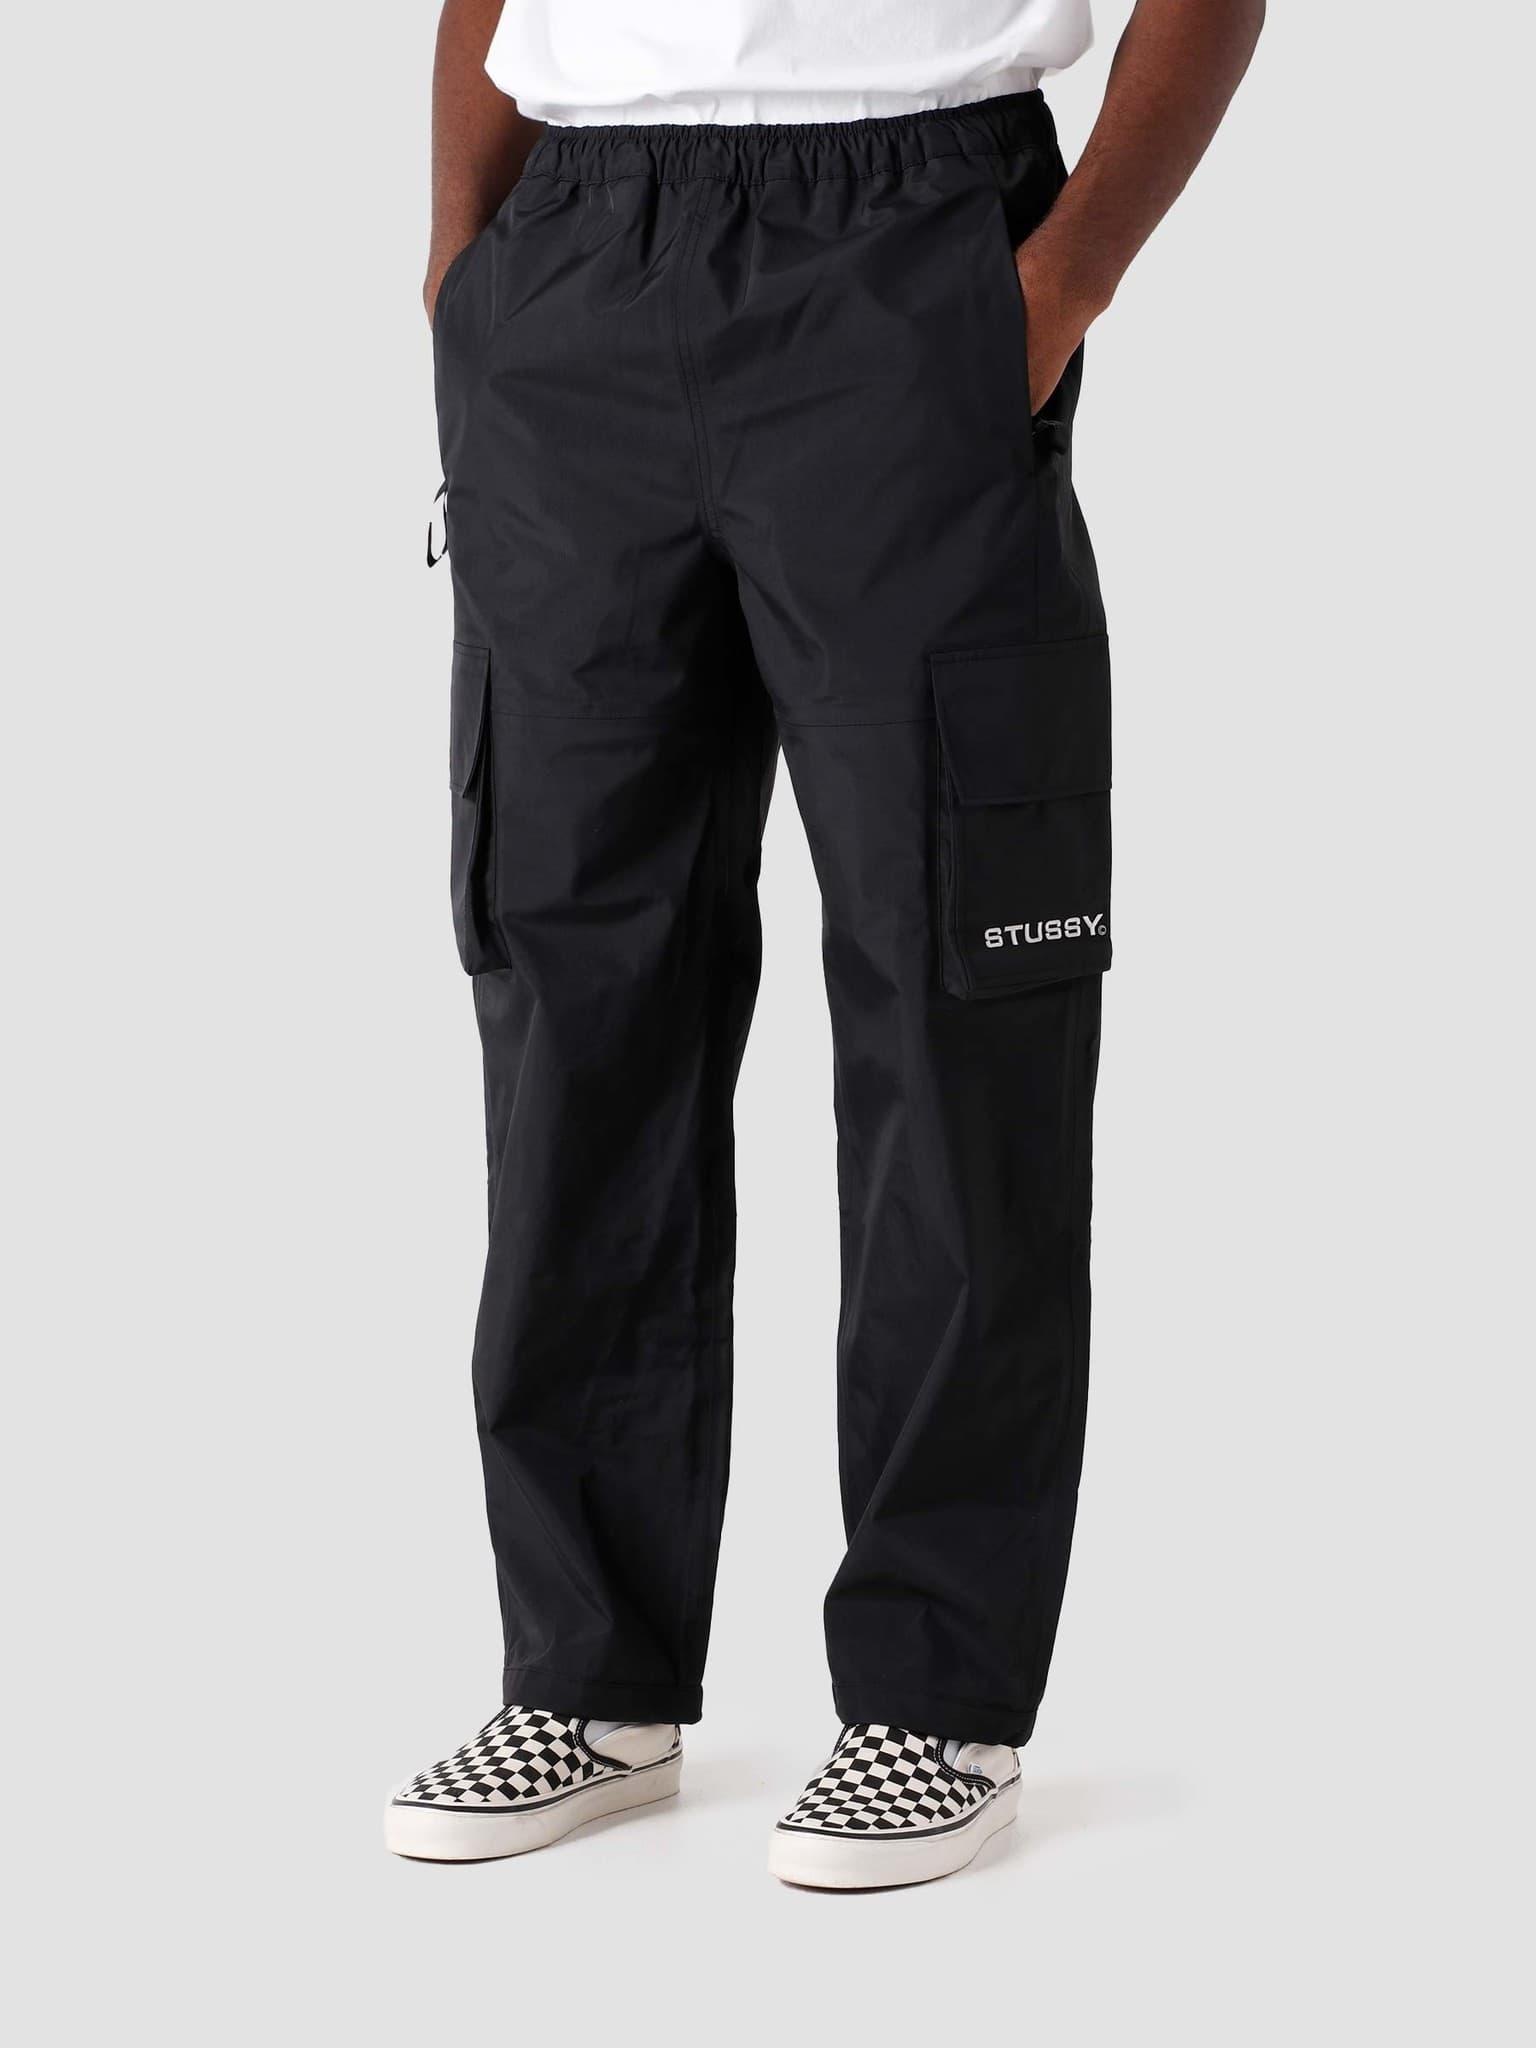 Apex Pant Black 116480-0001